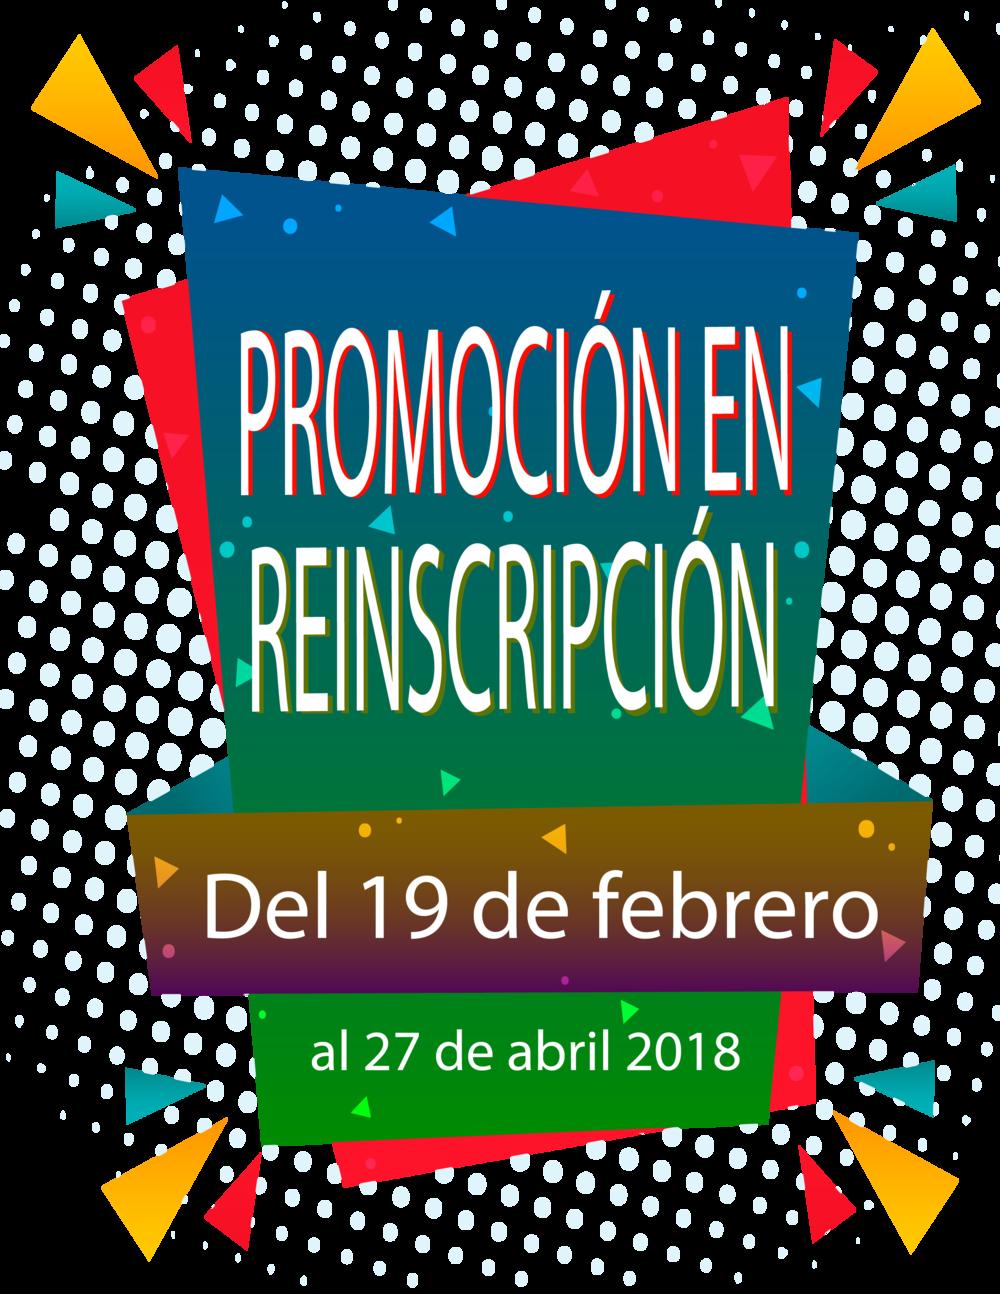 Promoción de reinscripciones-02.png